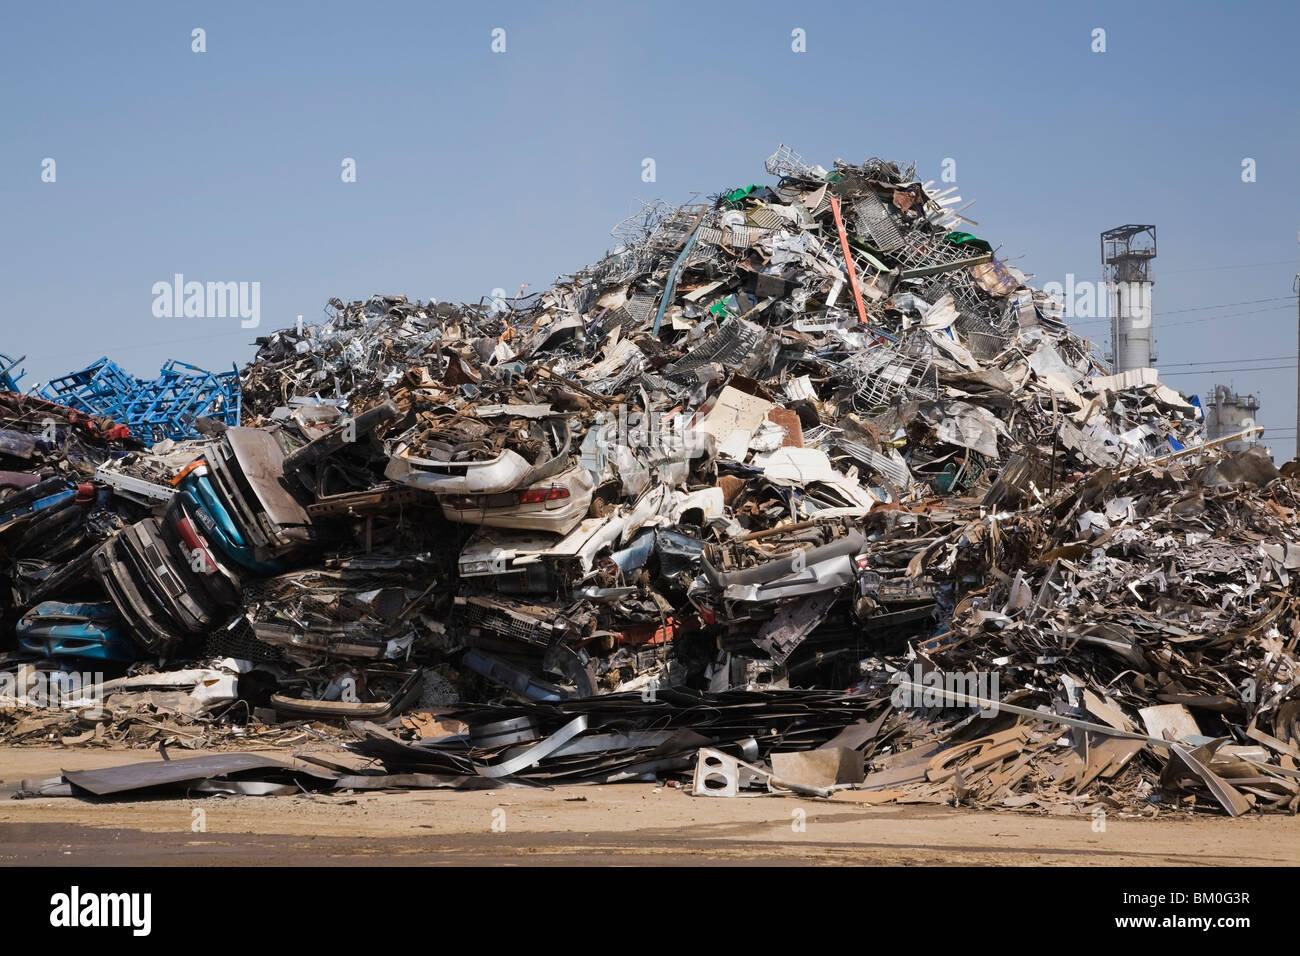 Pile de déchets automobiles, des articles ménagers et industriels au chantier de recyclage de ferraille, Photo Stock